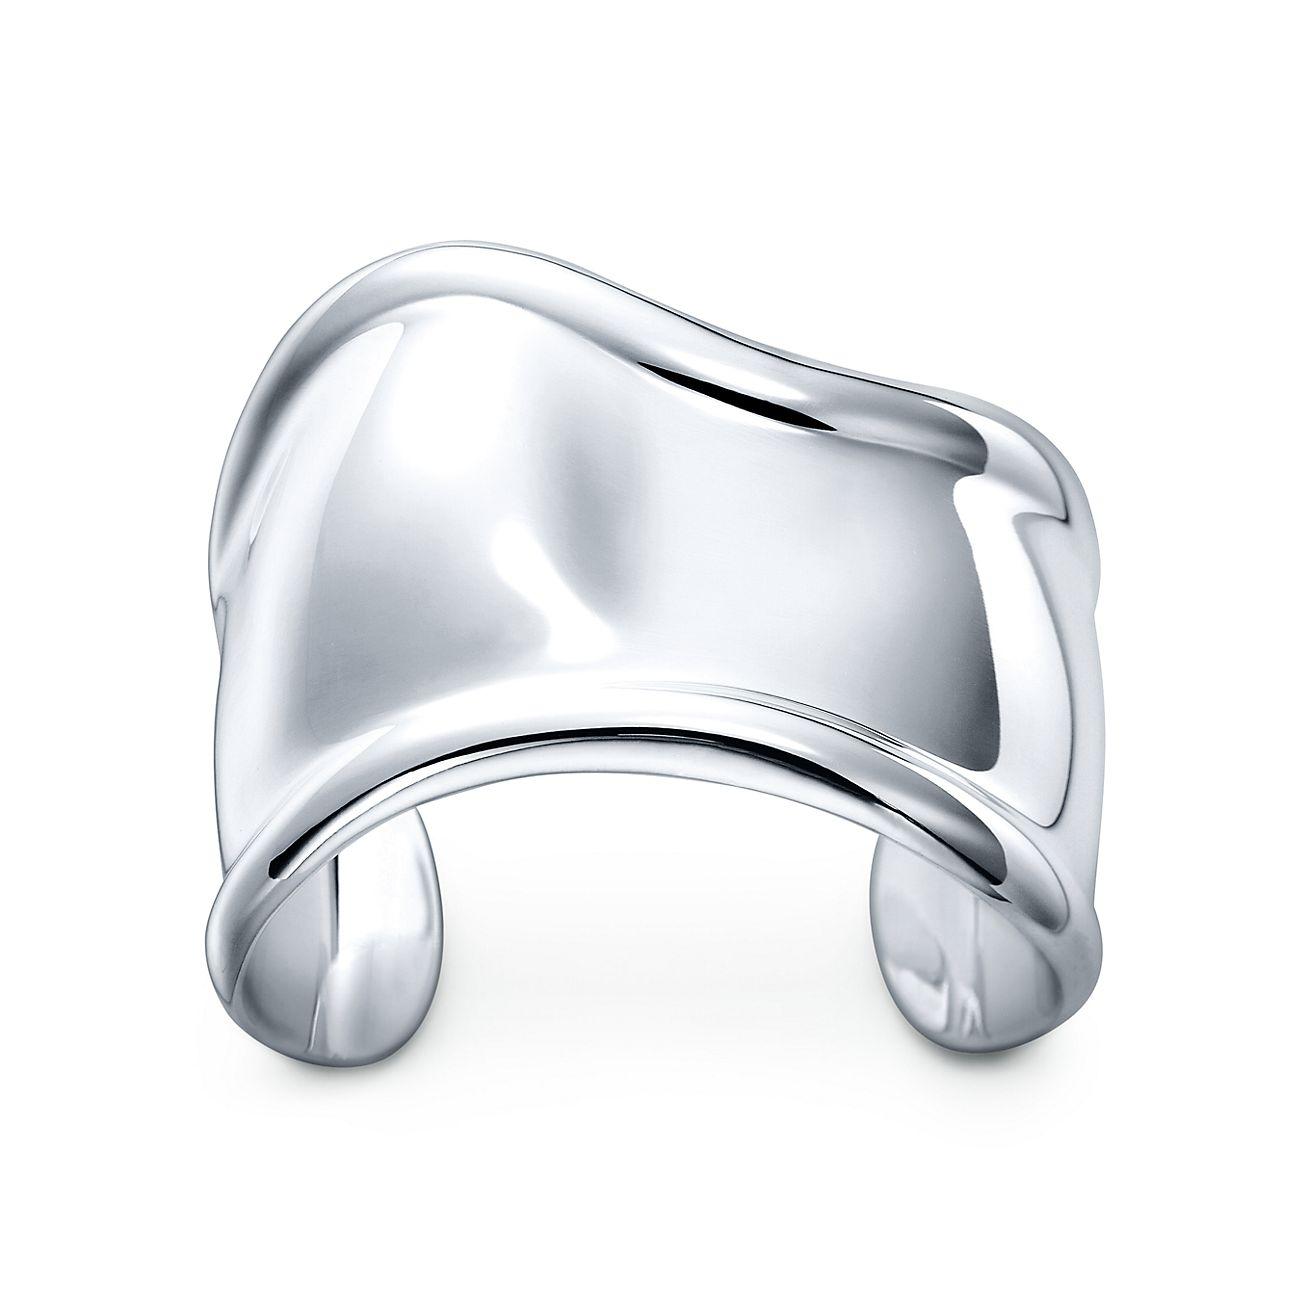 Elsa Peretti Bone Cuff In Sterling Silver For The Left Wrist Tiffany Co